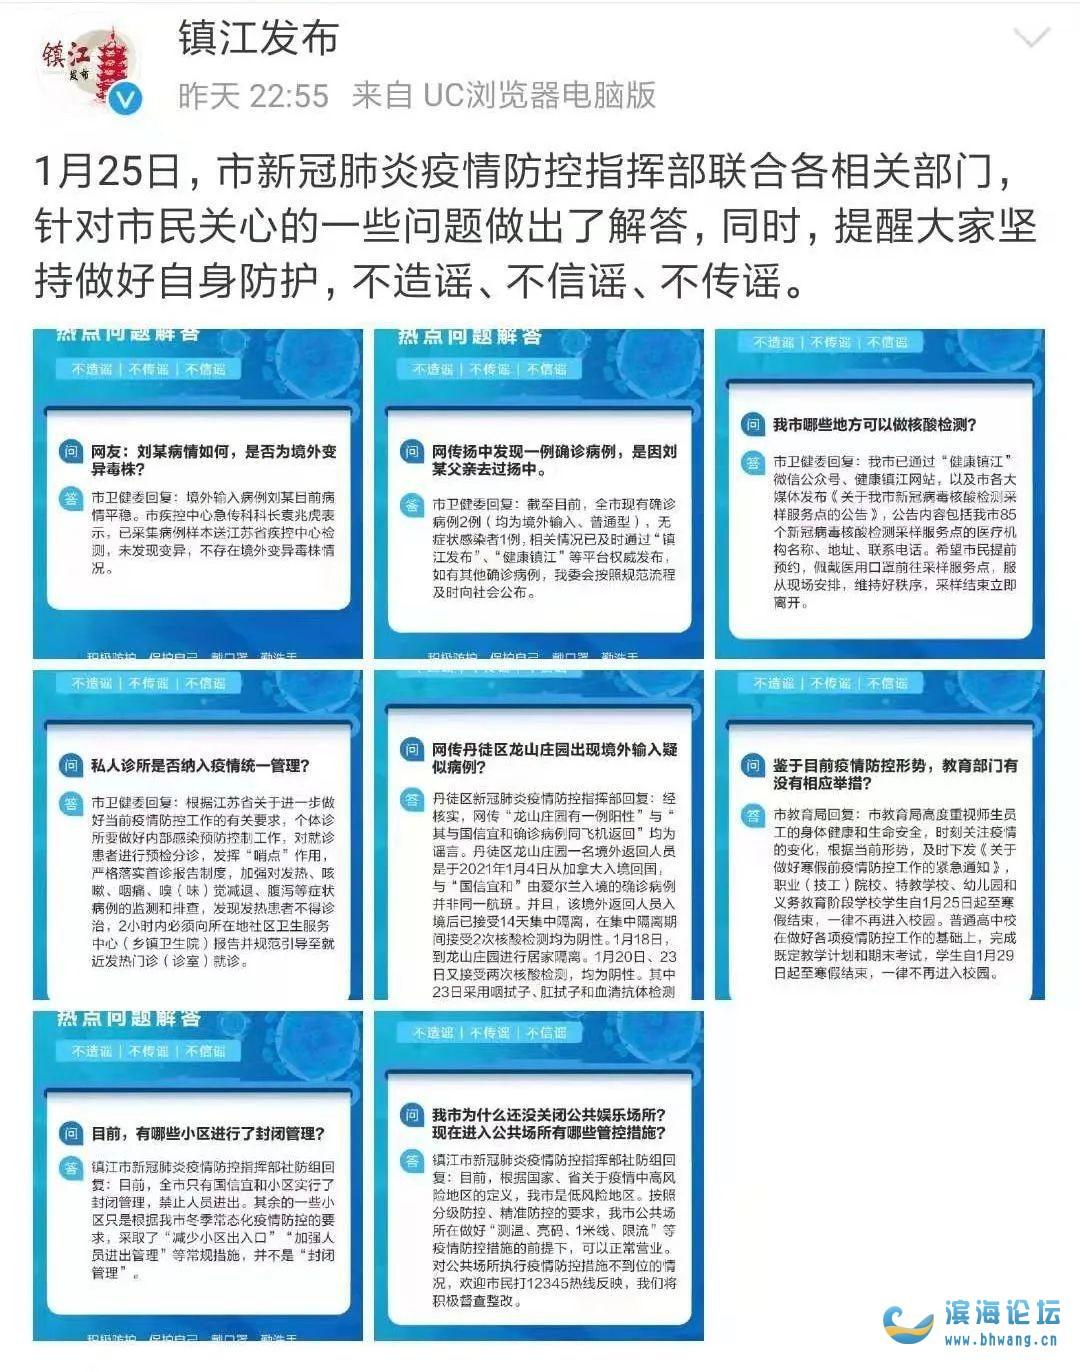 镇江连夜回应!南通、扬州、上海通报!